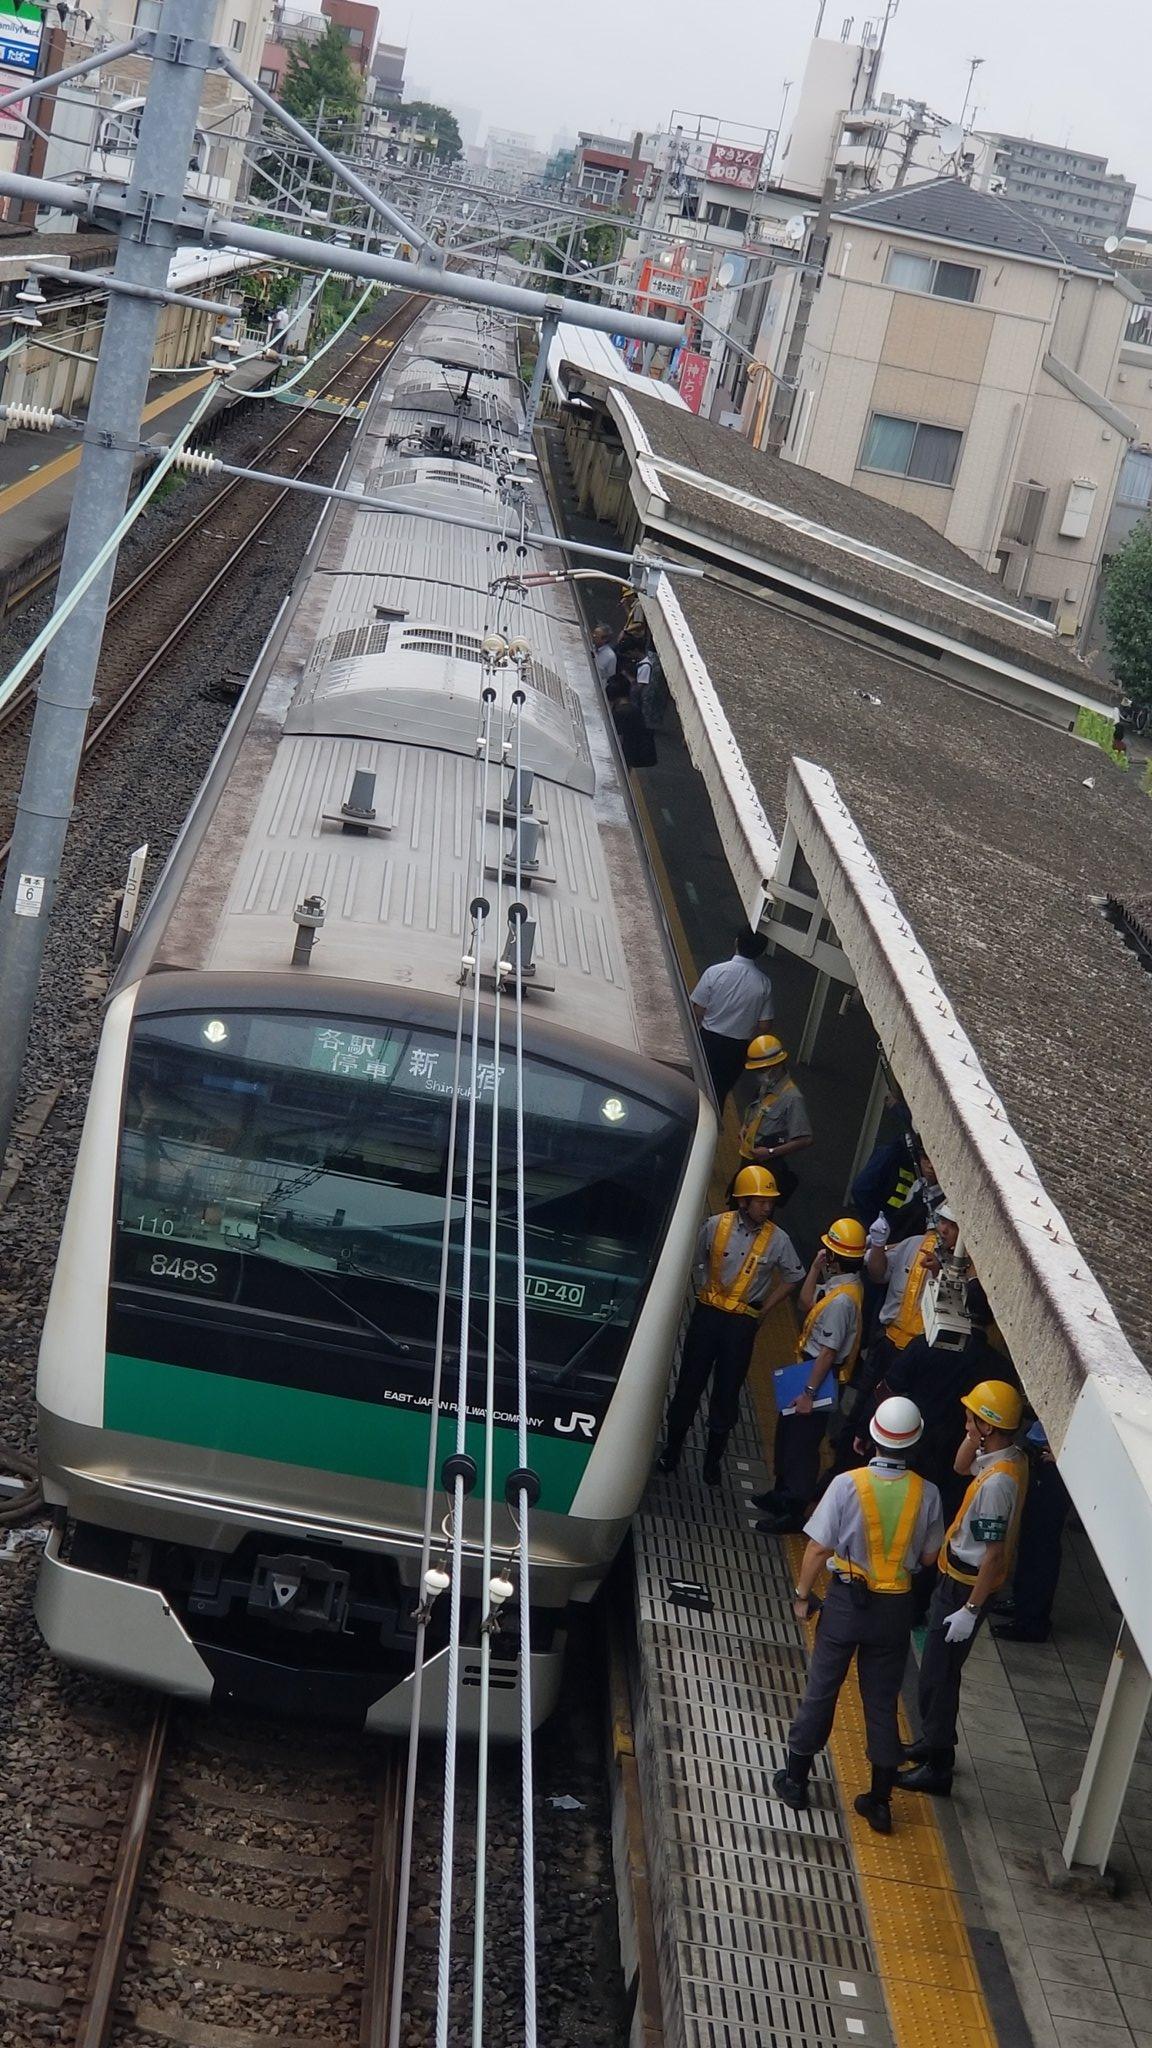 十条駅の人身事故で救護活動している現場の画像